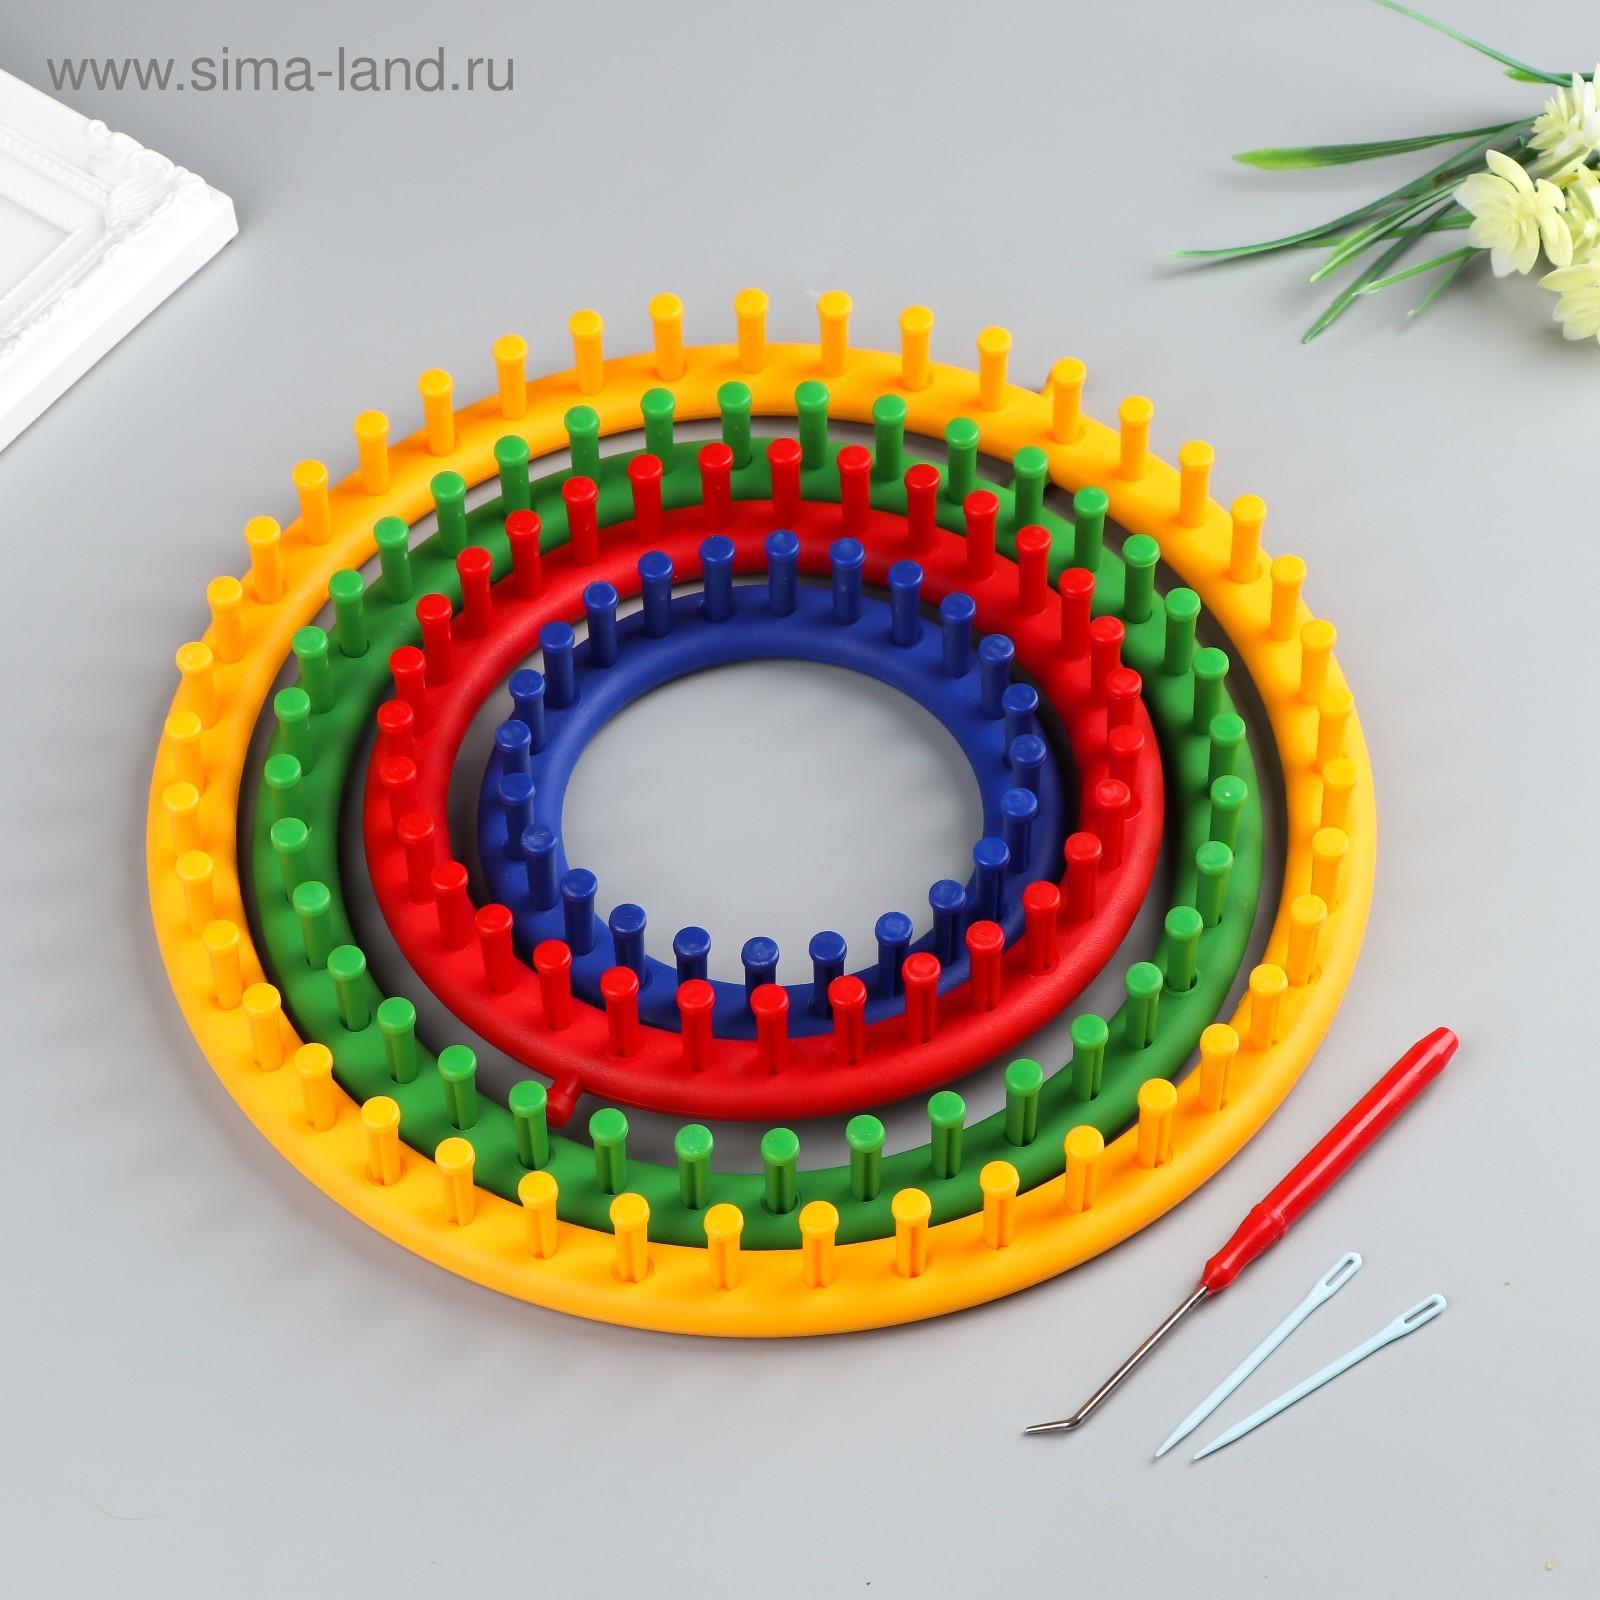 набор устройств для вязания лум 4 шт D14 см 19 см 24 см 30